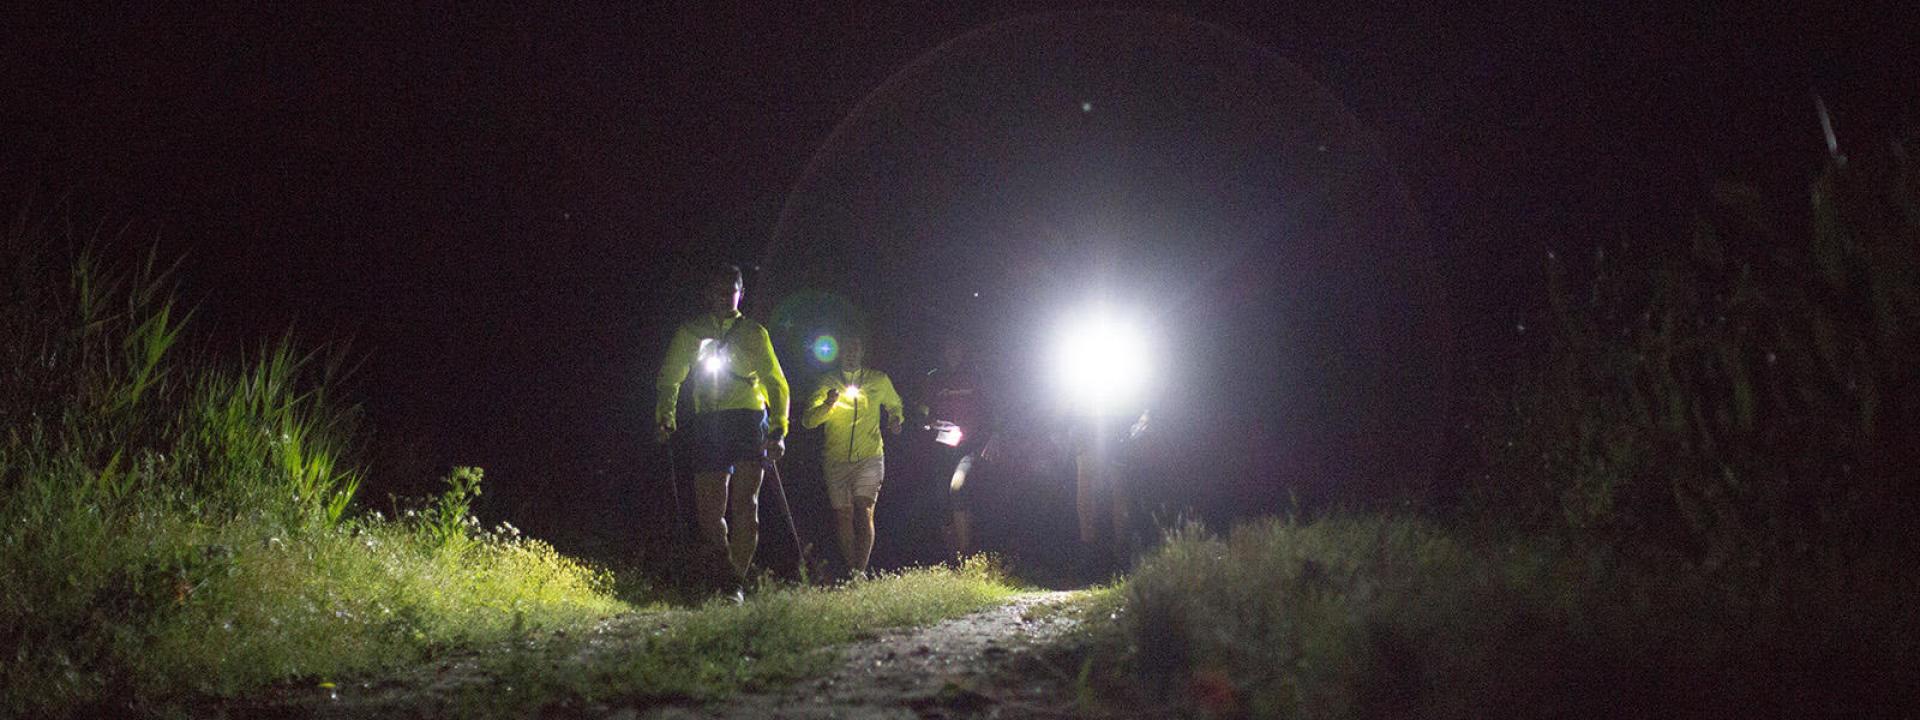 Marcher la nuit : 4 avantages insoupçonnés